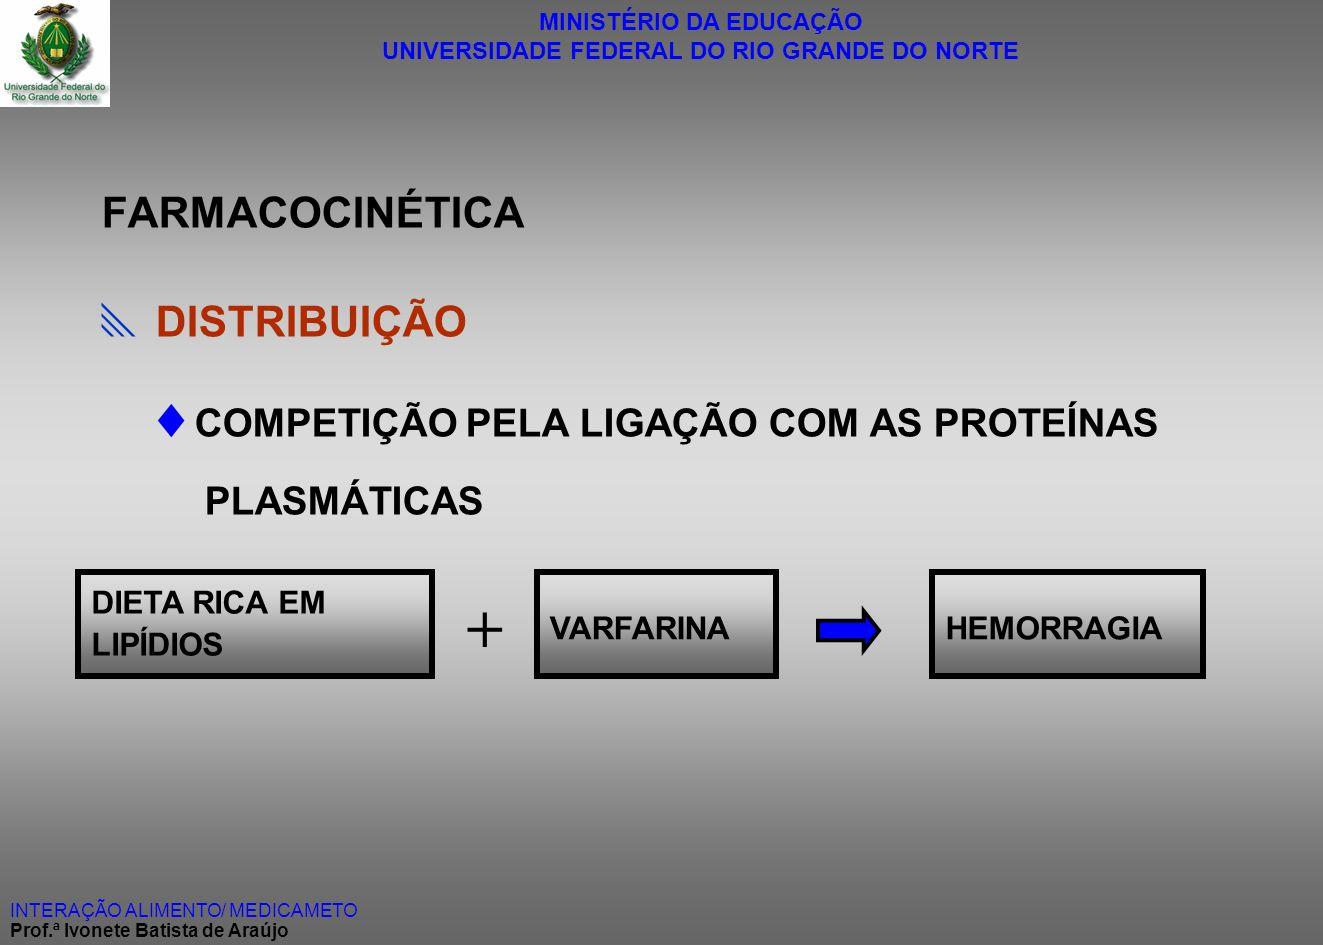 + COMPETIÇÃO PELA LIGAÇÃO COM AS PROTEÍNAS PLASMÁTICAS